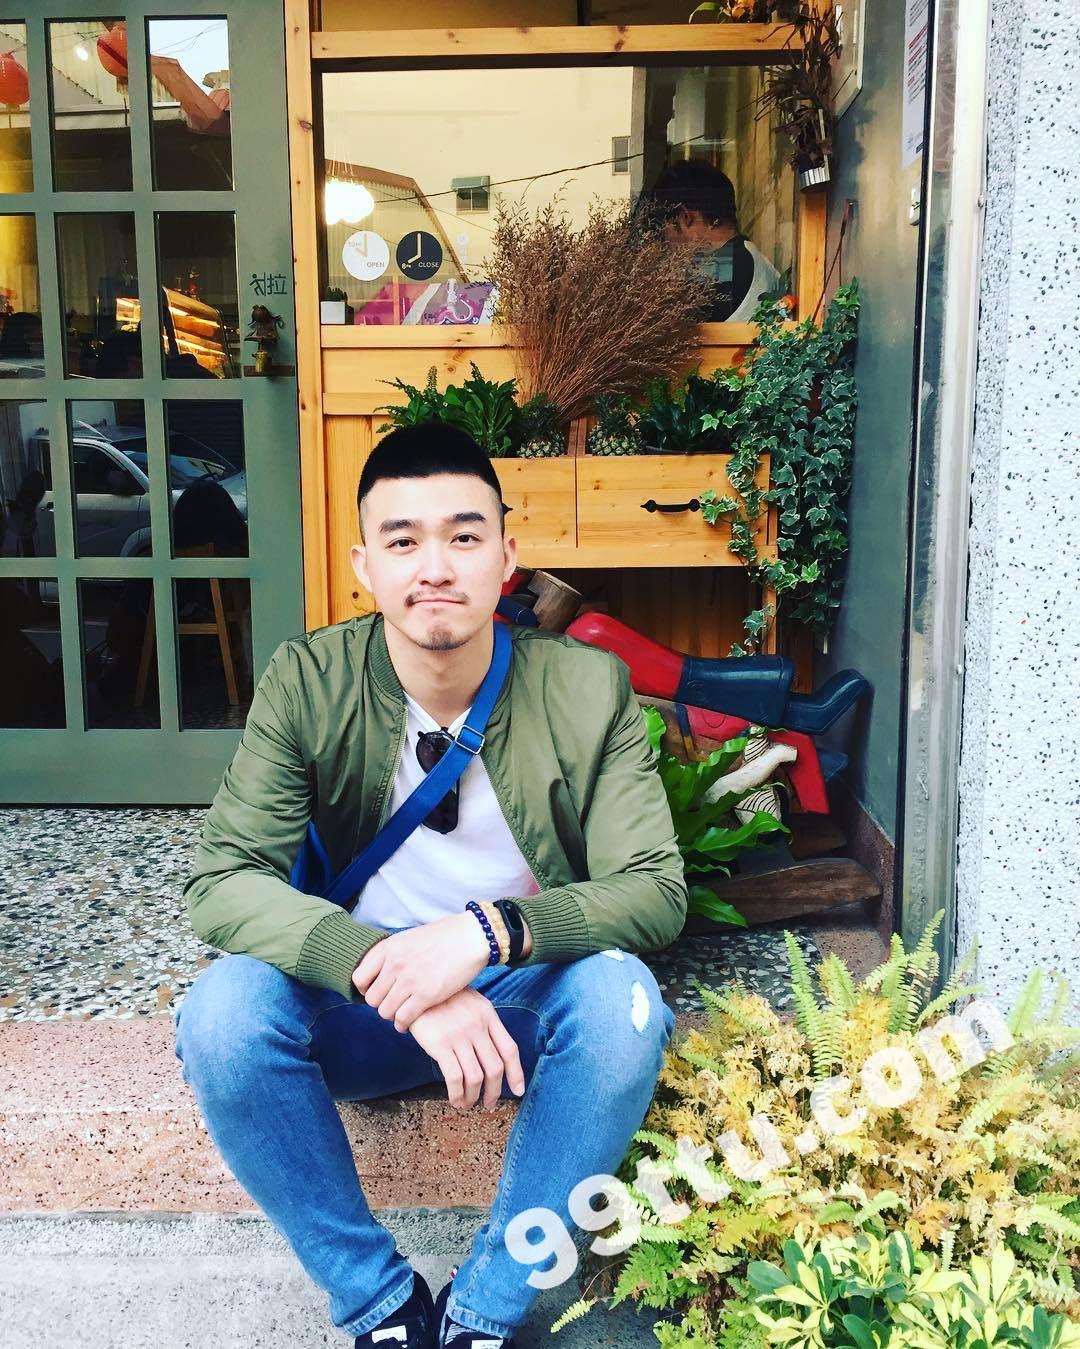 NAA08男神帅哥生活照套图39视频+408照片-7